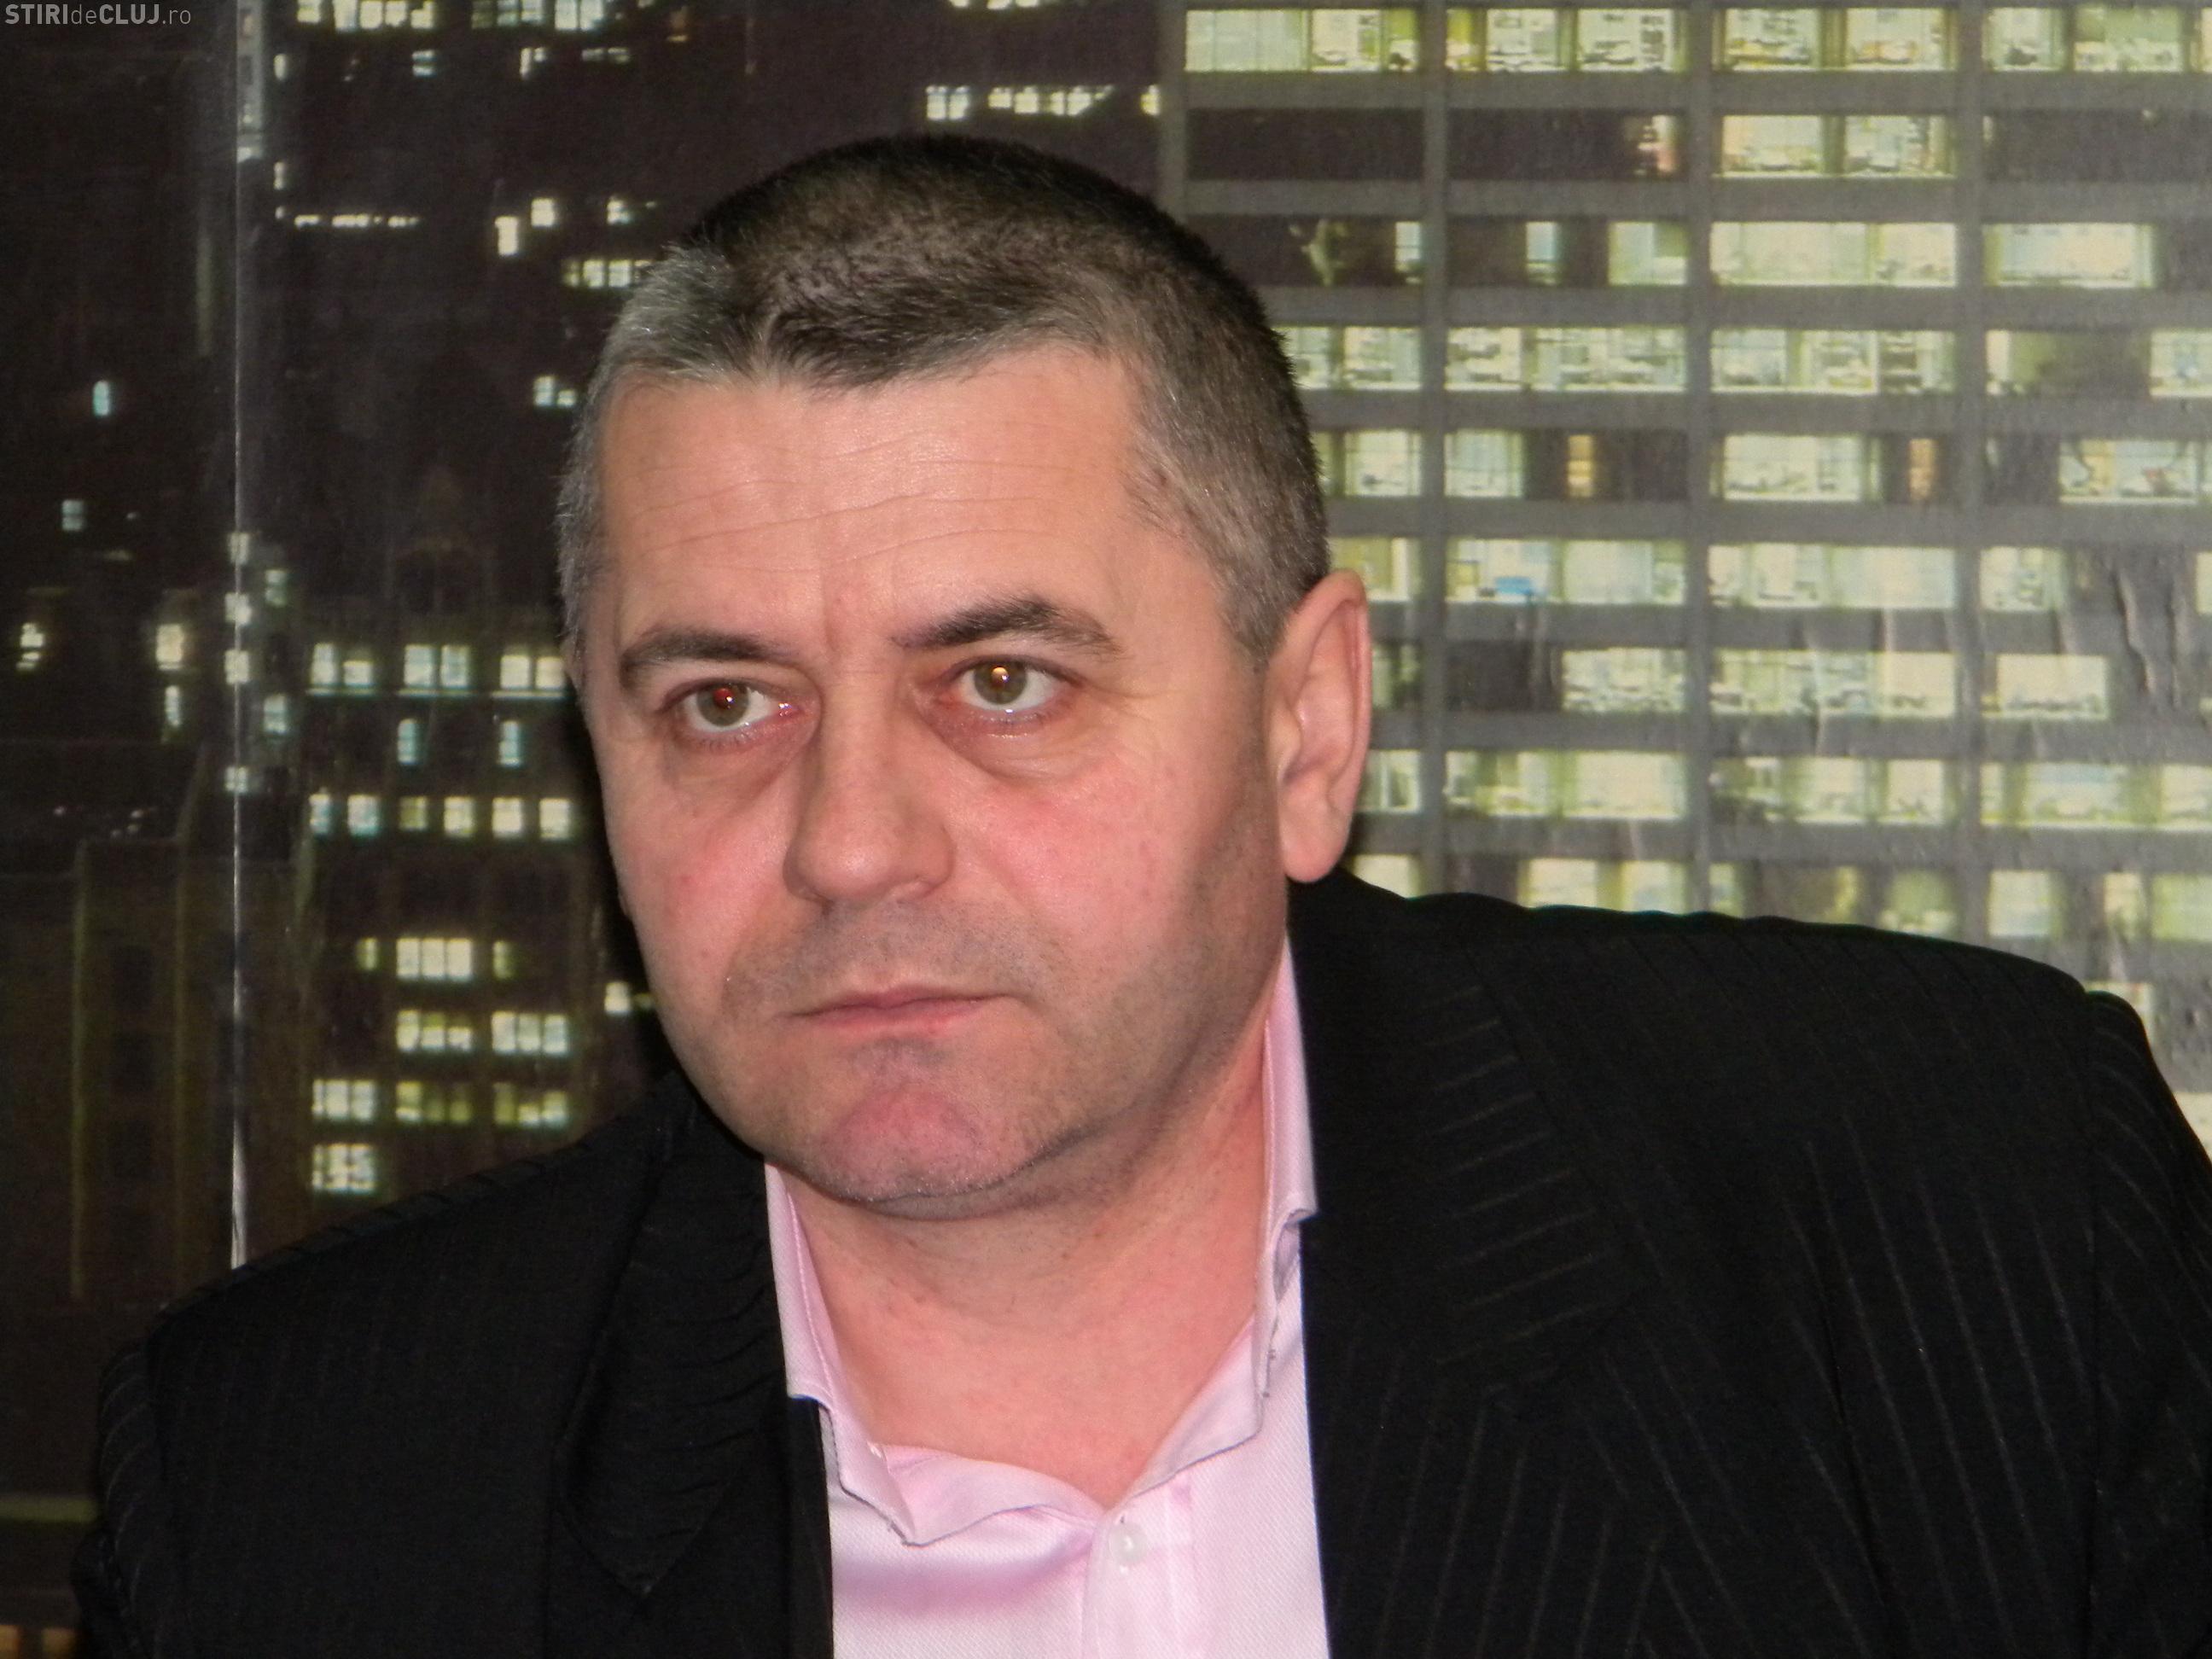 Angajatii de la Mechel Campia Turzii sunt in somaj tehnic! Mircia Giurgiu ii cere socoteala primului ministru